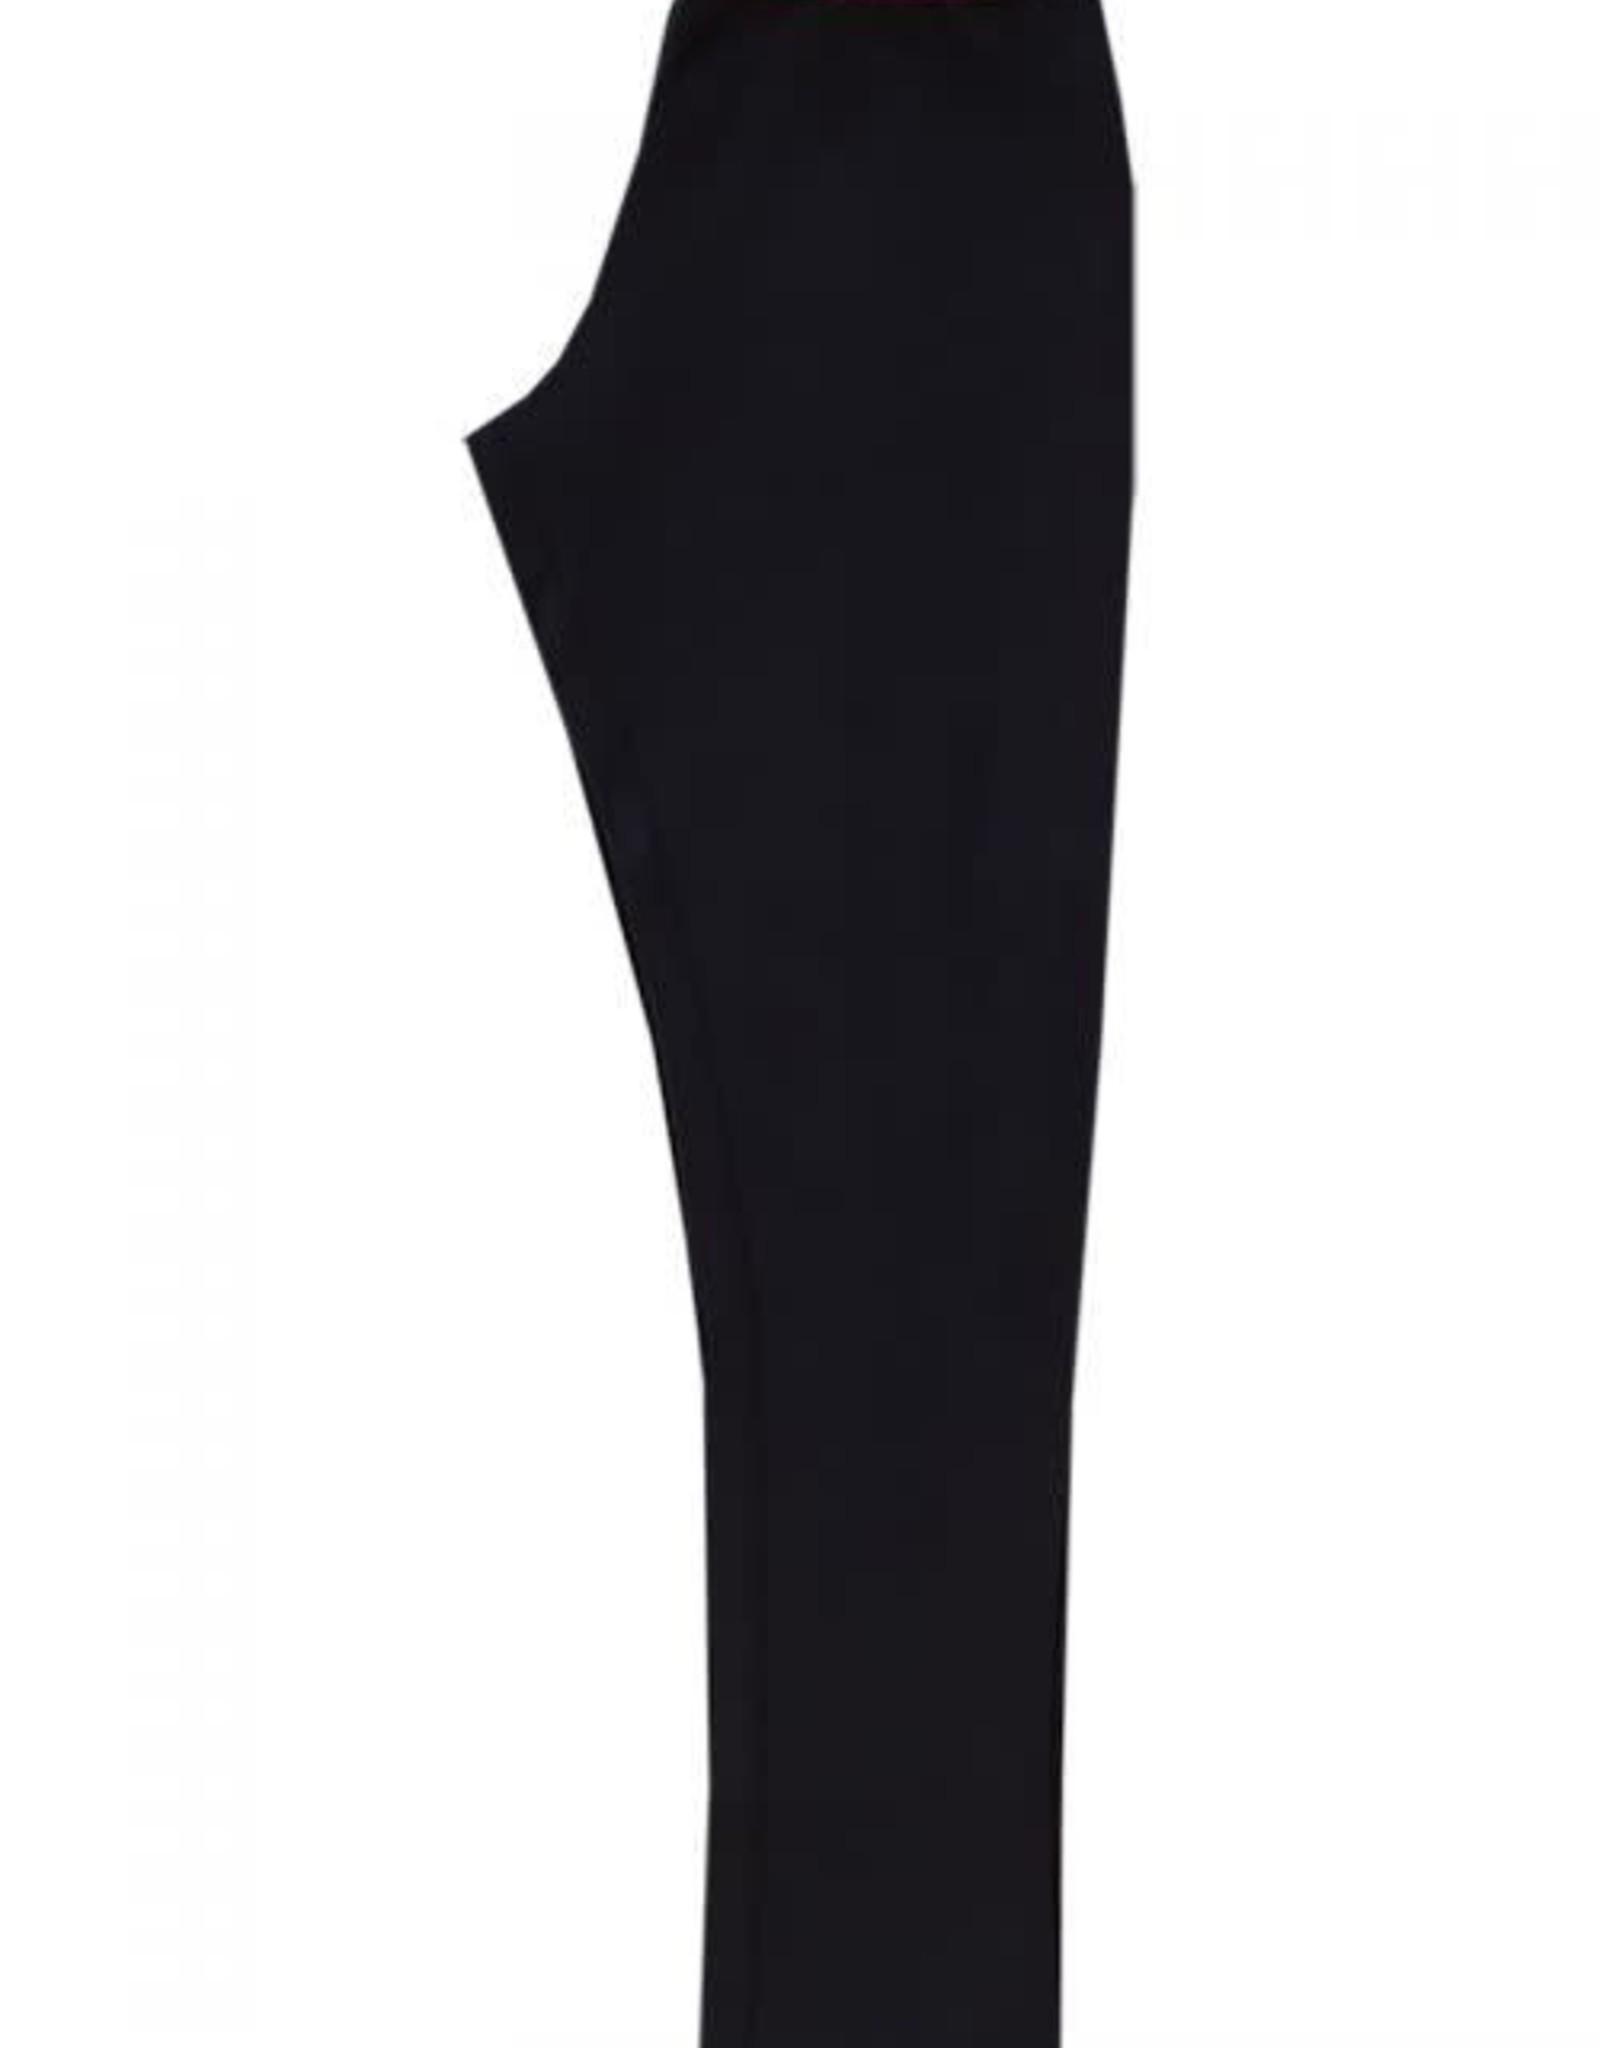 TOPitm Legging Kalla - Grey